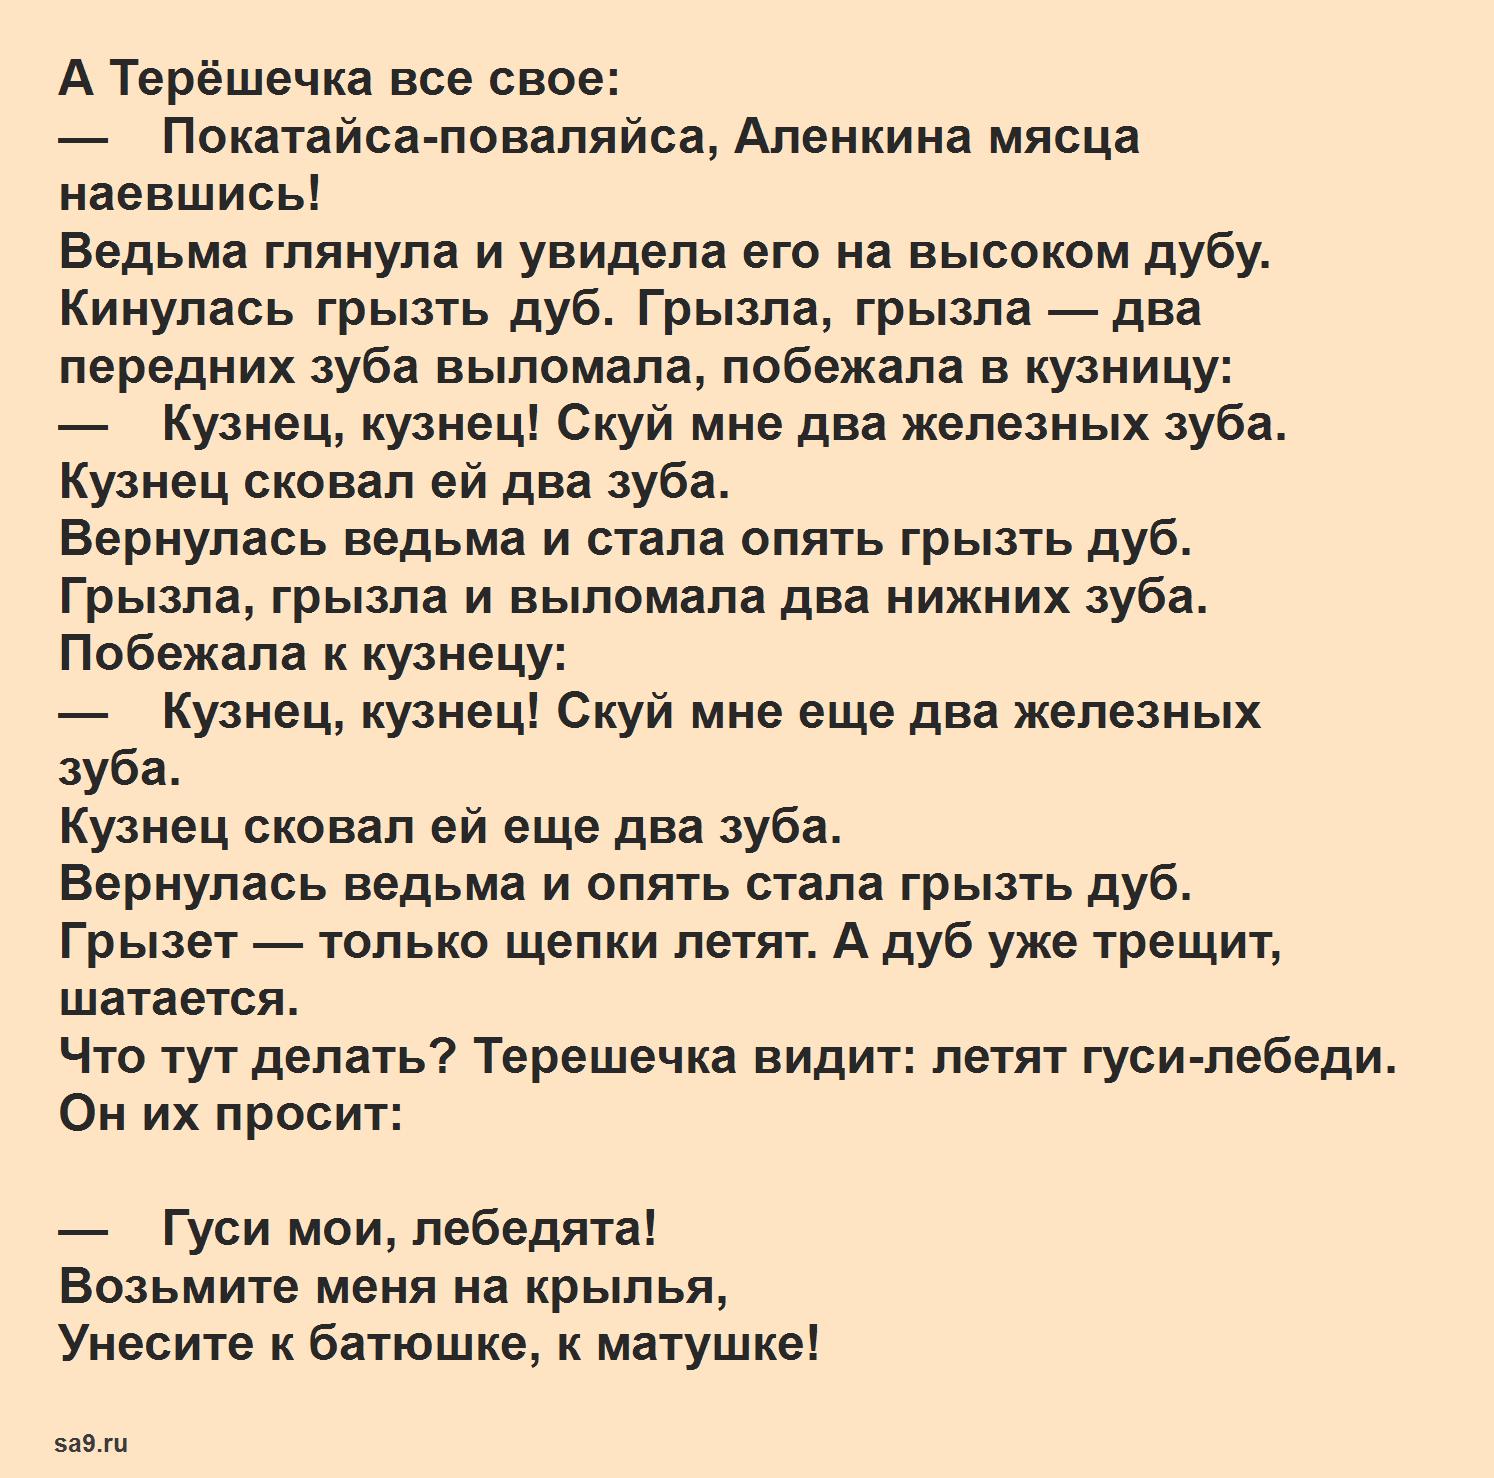 Терешечка - русская народная сказка